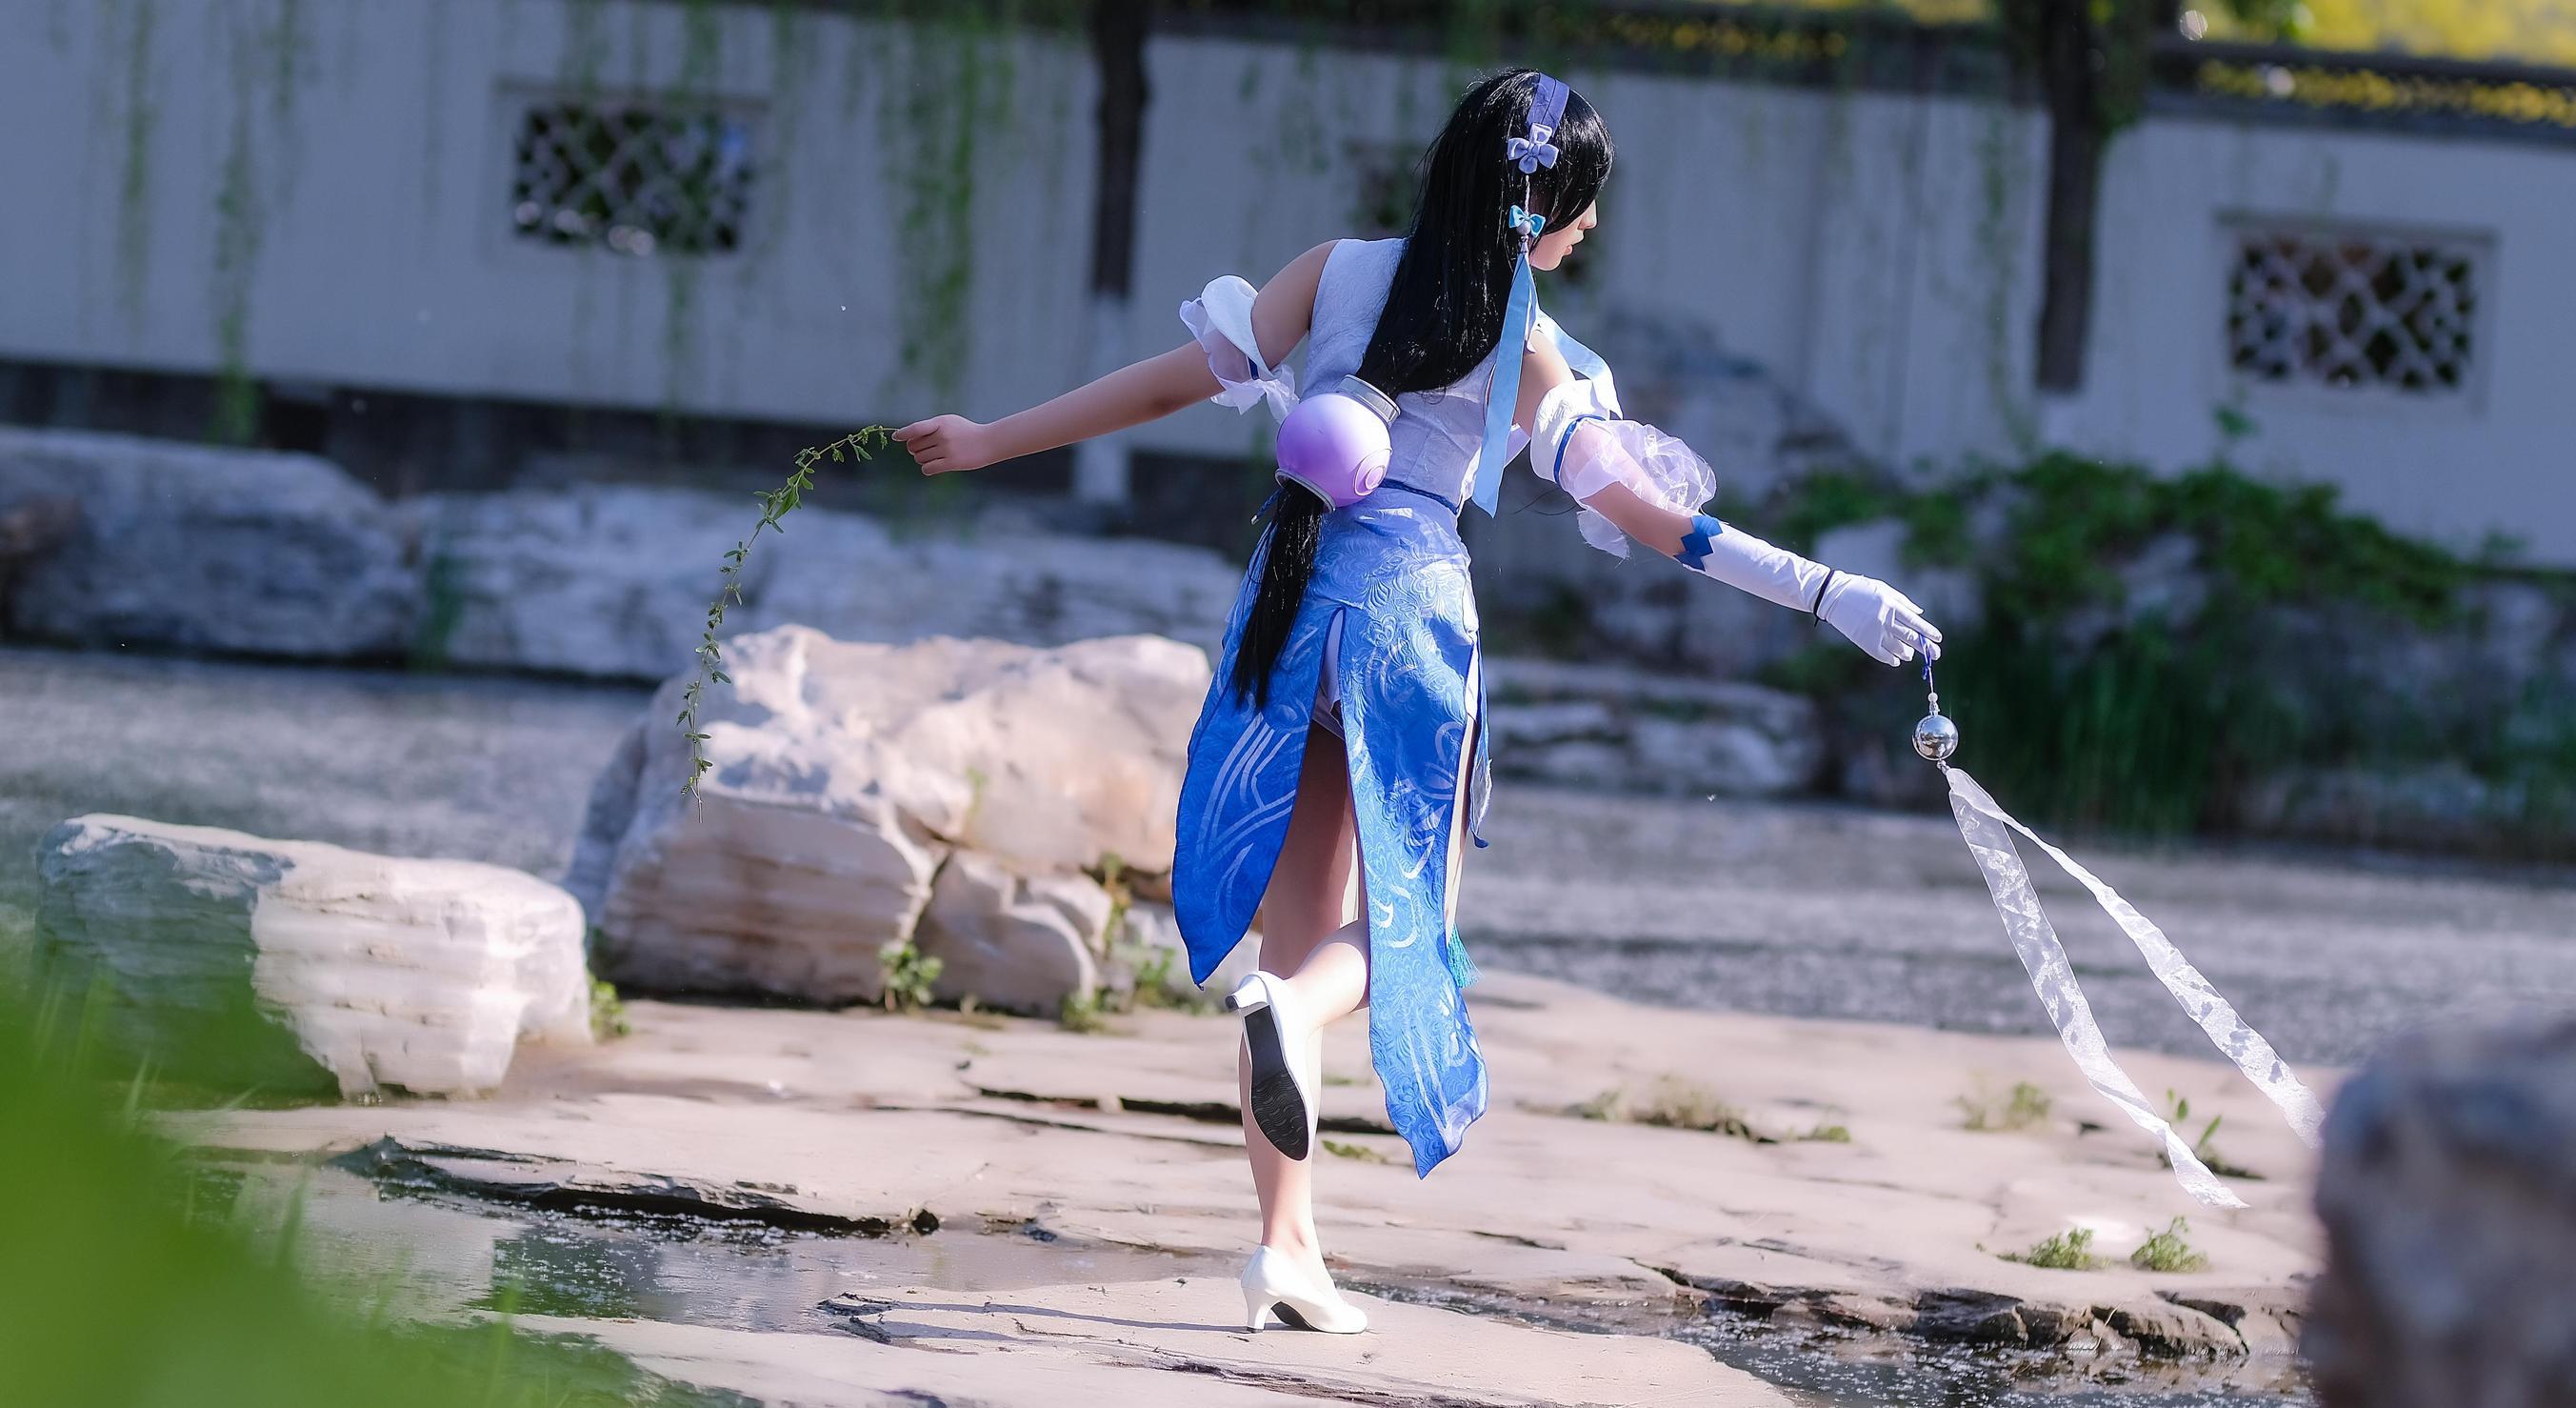 《王者荣耀》王者荣耀西施cosplay【CN:泠泠泠泠泠风】-第7张